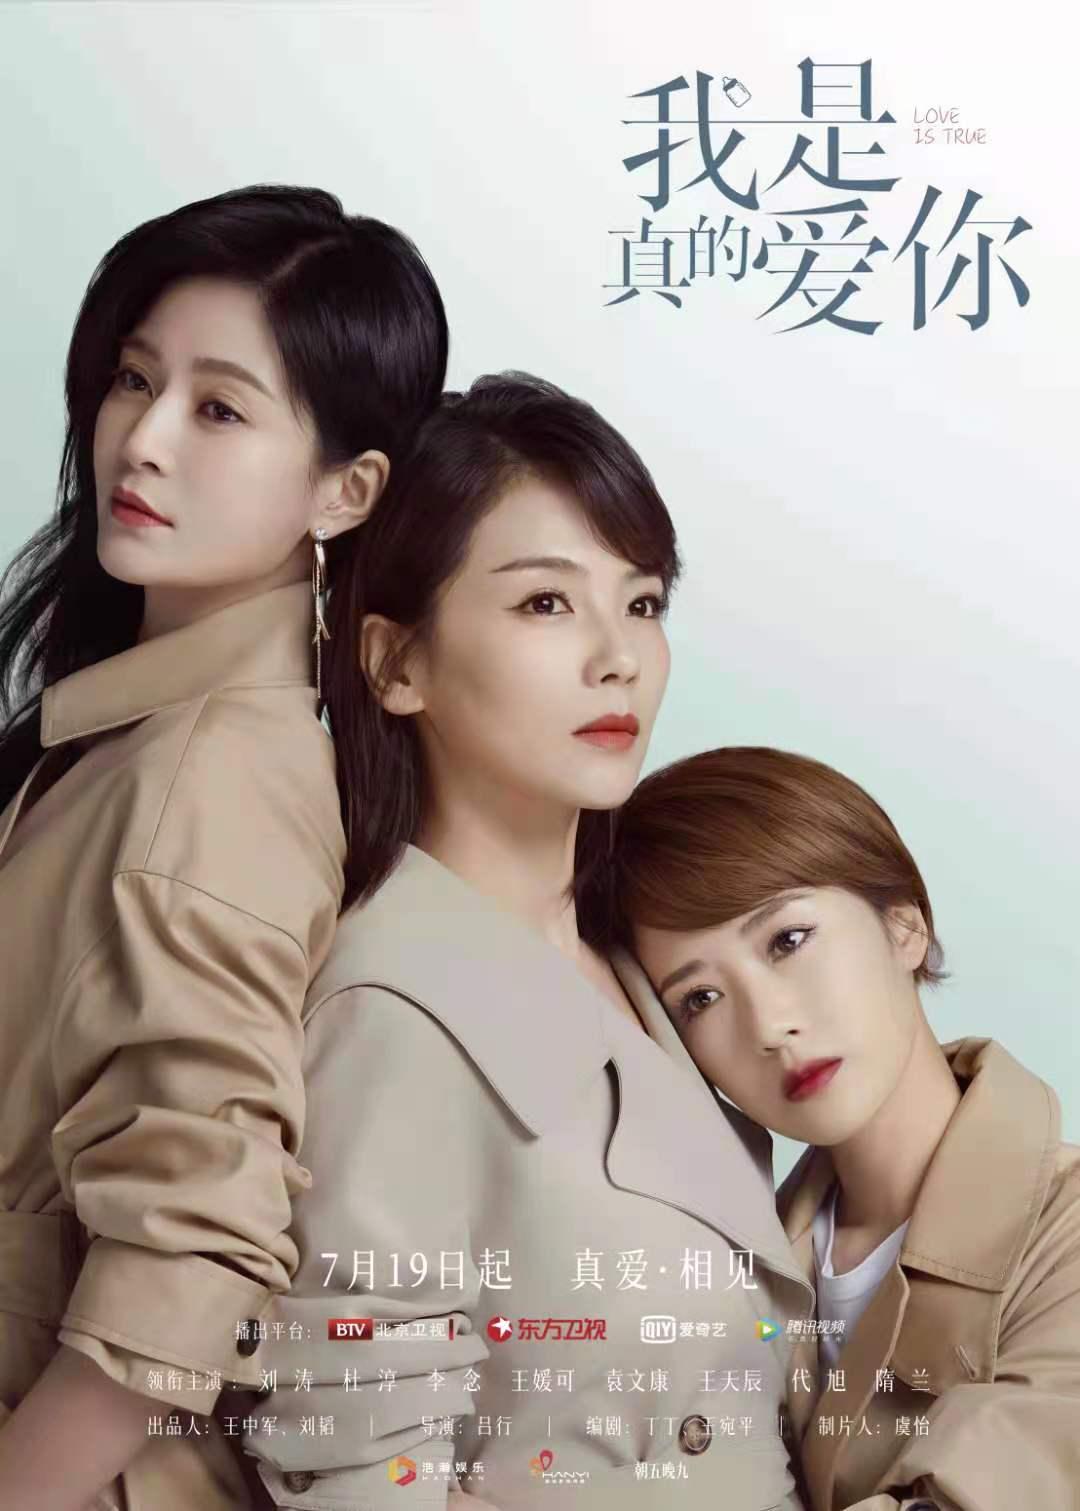 《我是真的爱你》剧组为河南捐款100万 (2).jpg